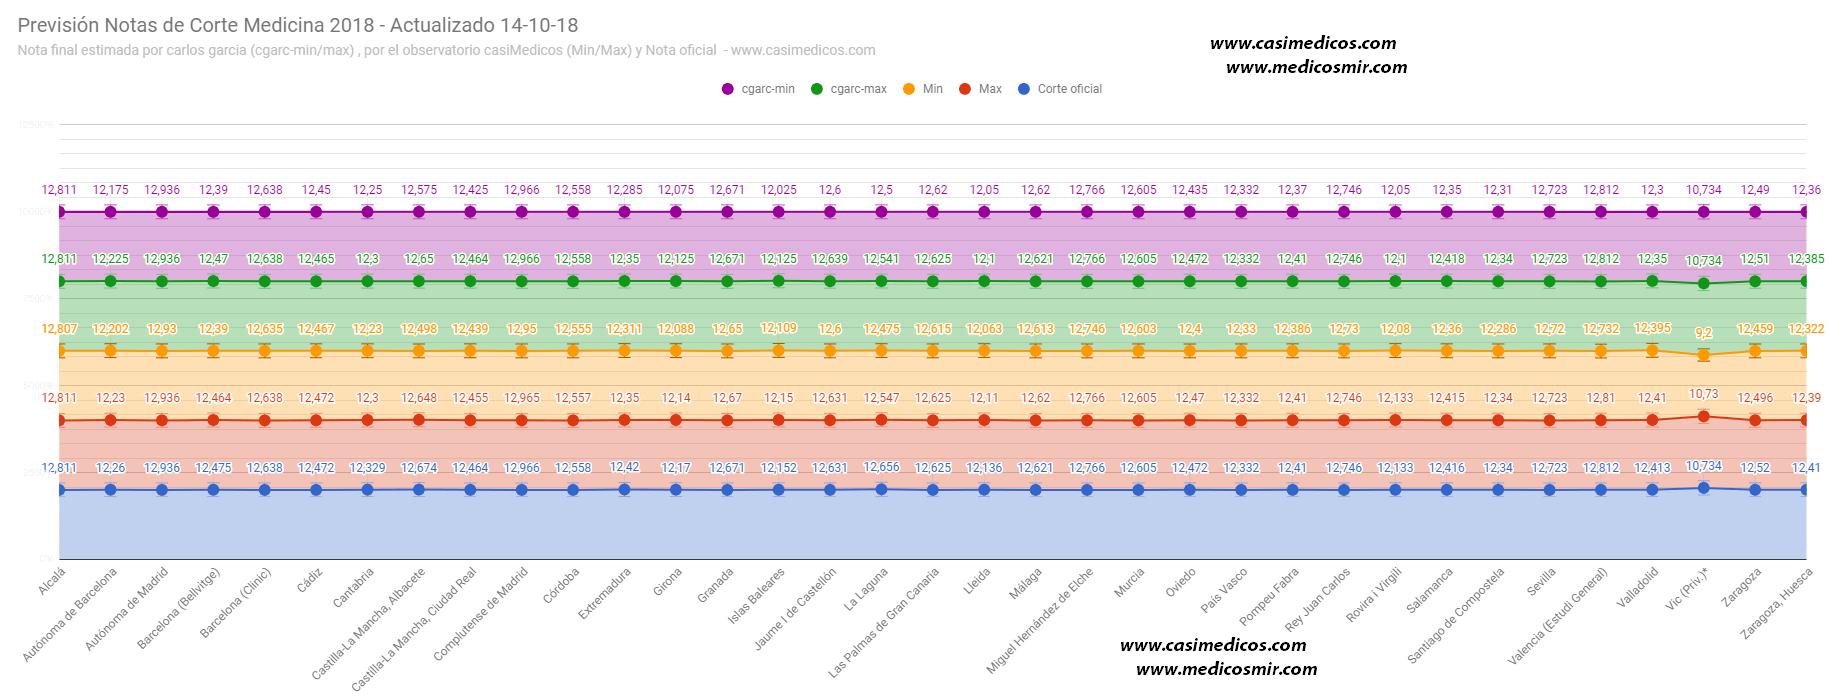 Notas de corte de Medicina 2018/2019 -estimación de notas finales a 14-10-18